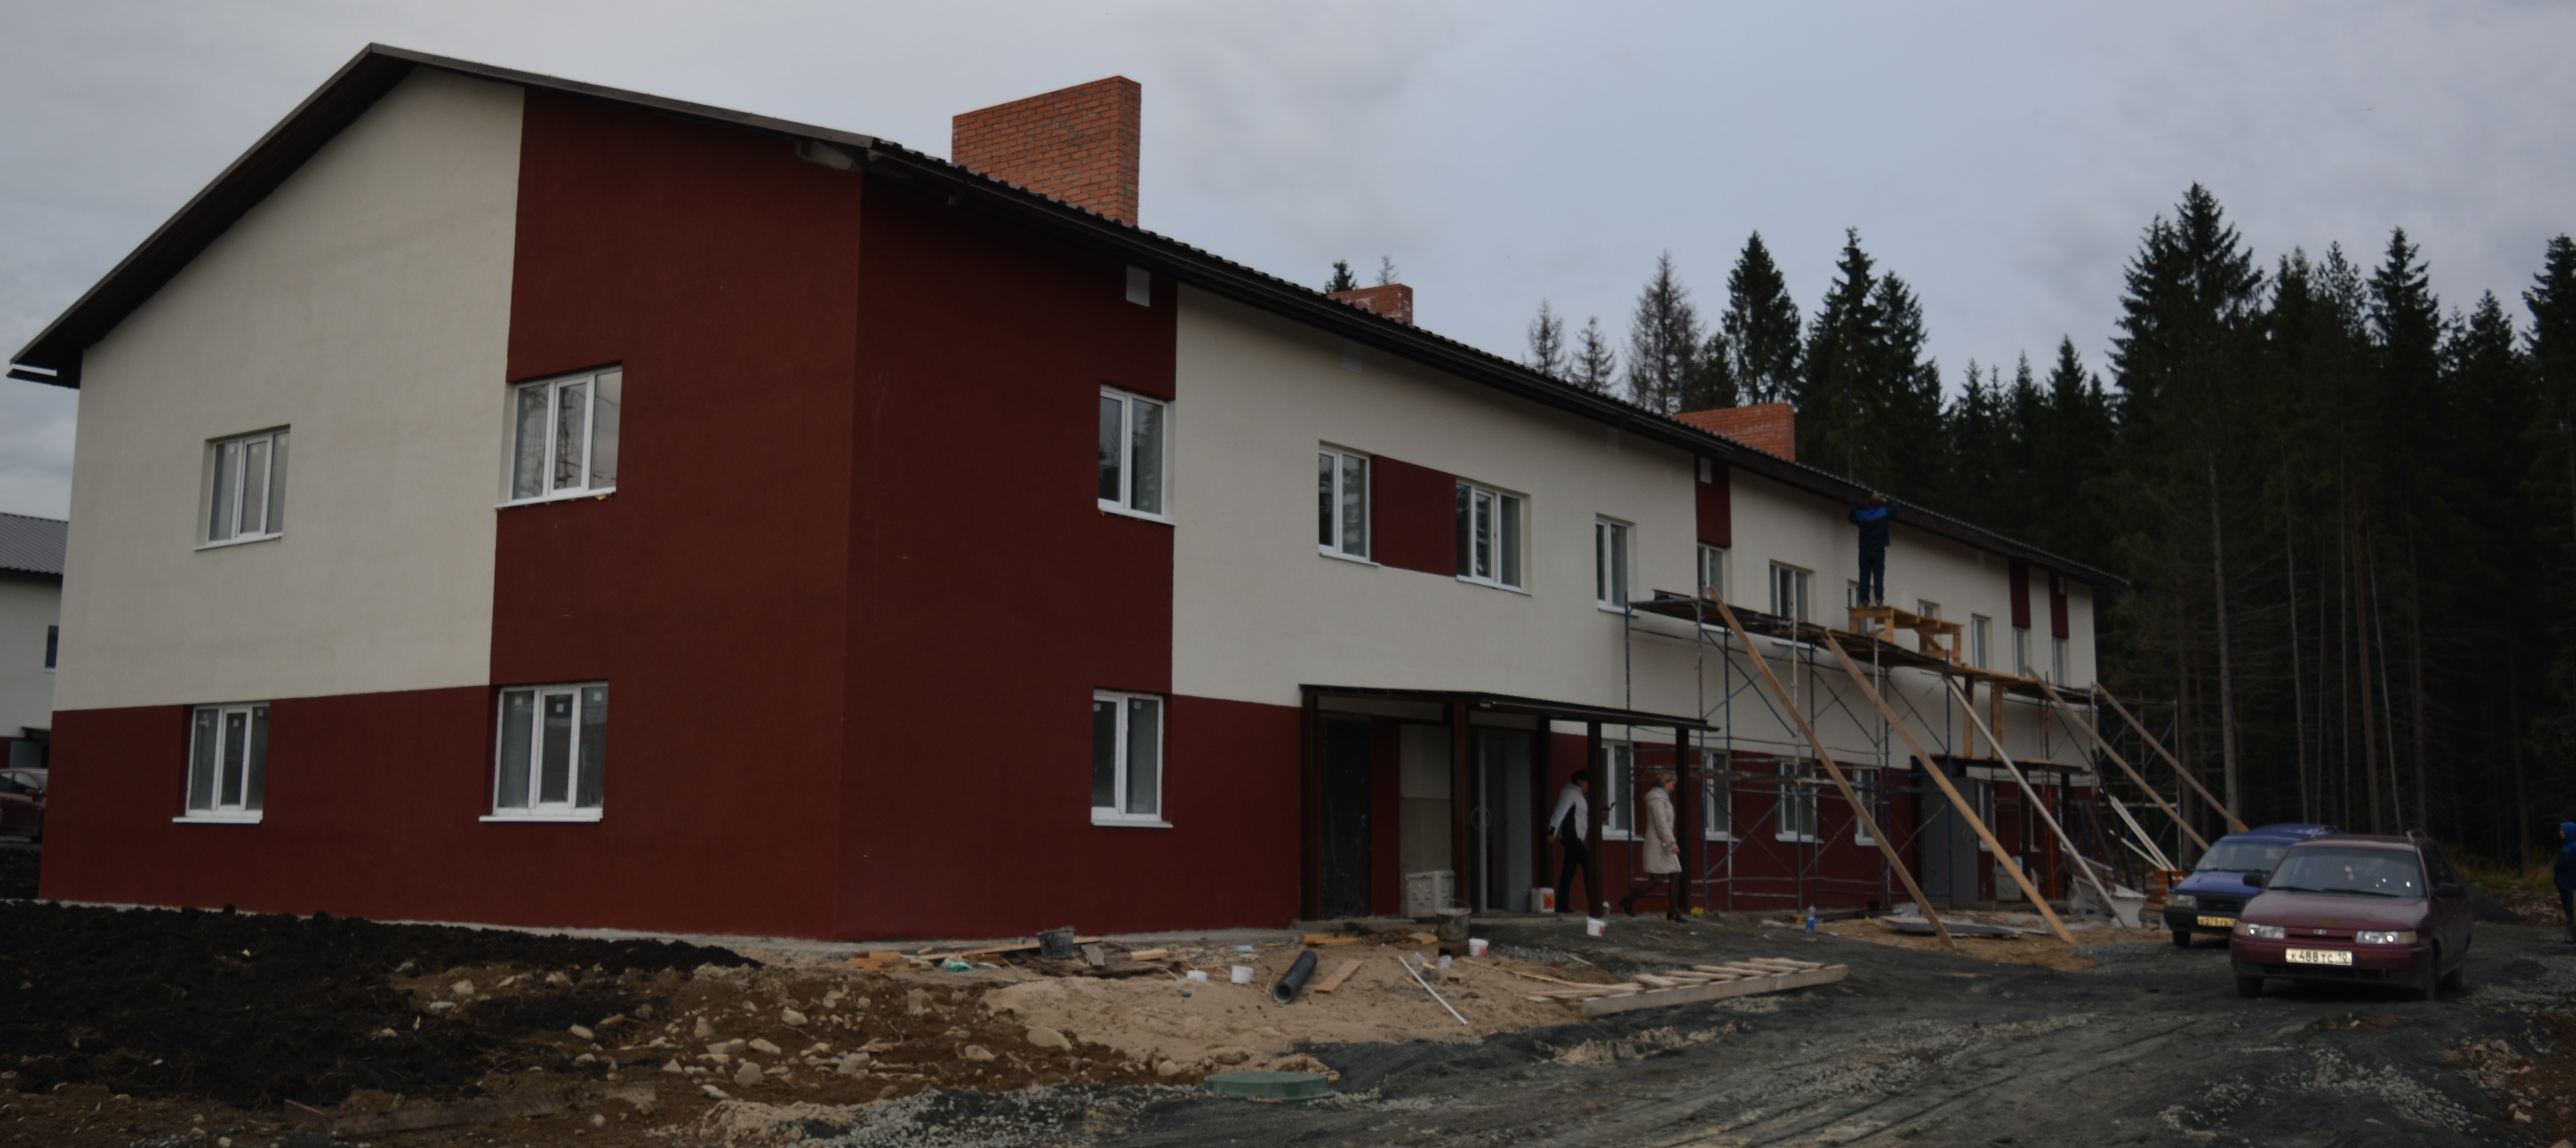 Так выглядят дома в Чалне снаружи. Фото: Алексей Владимиров